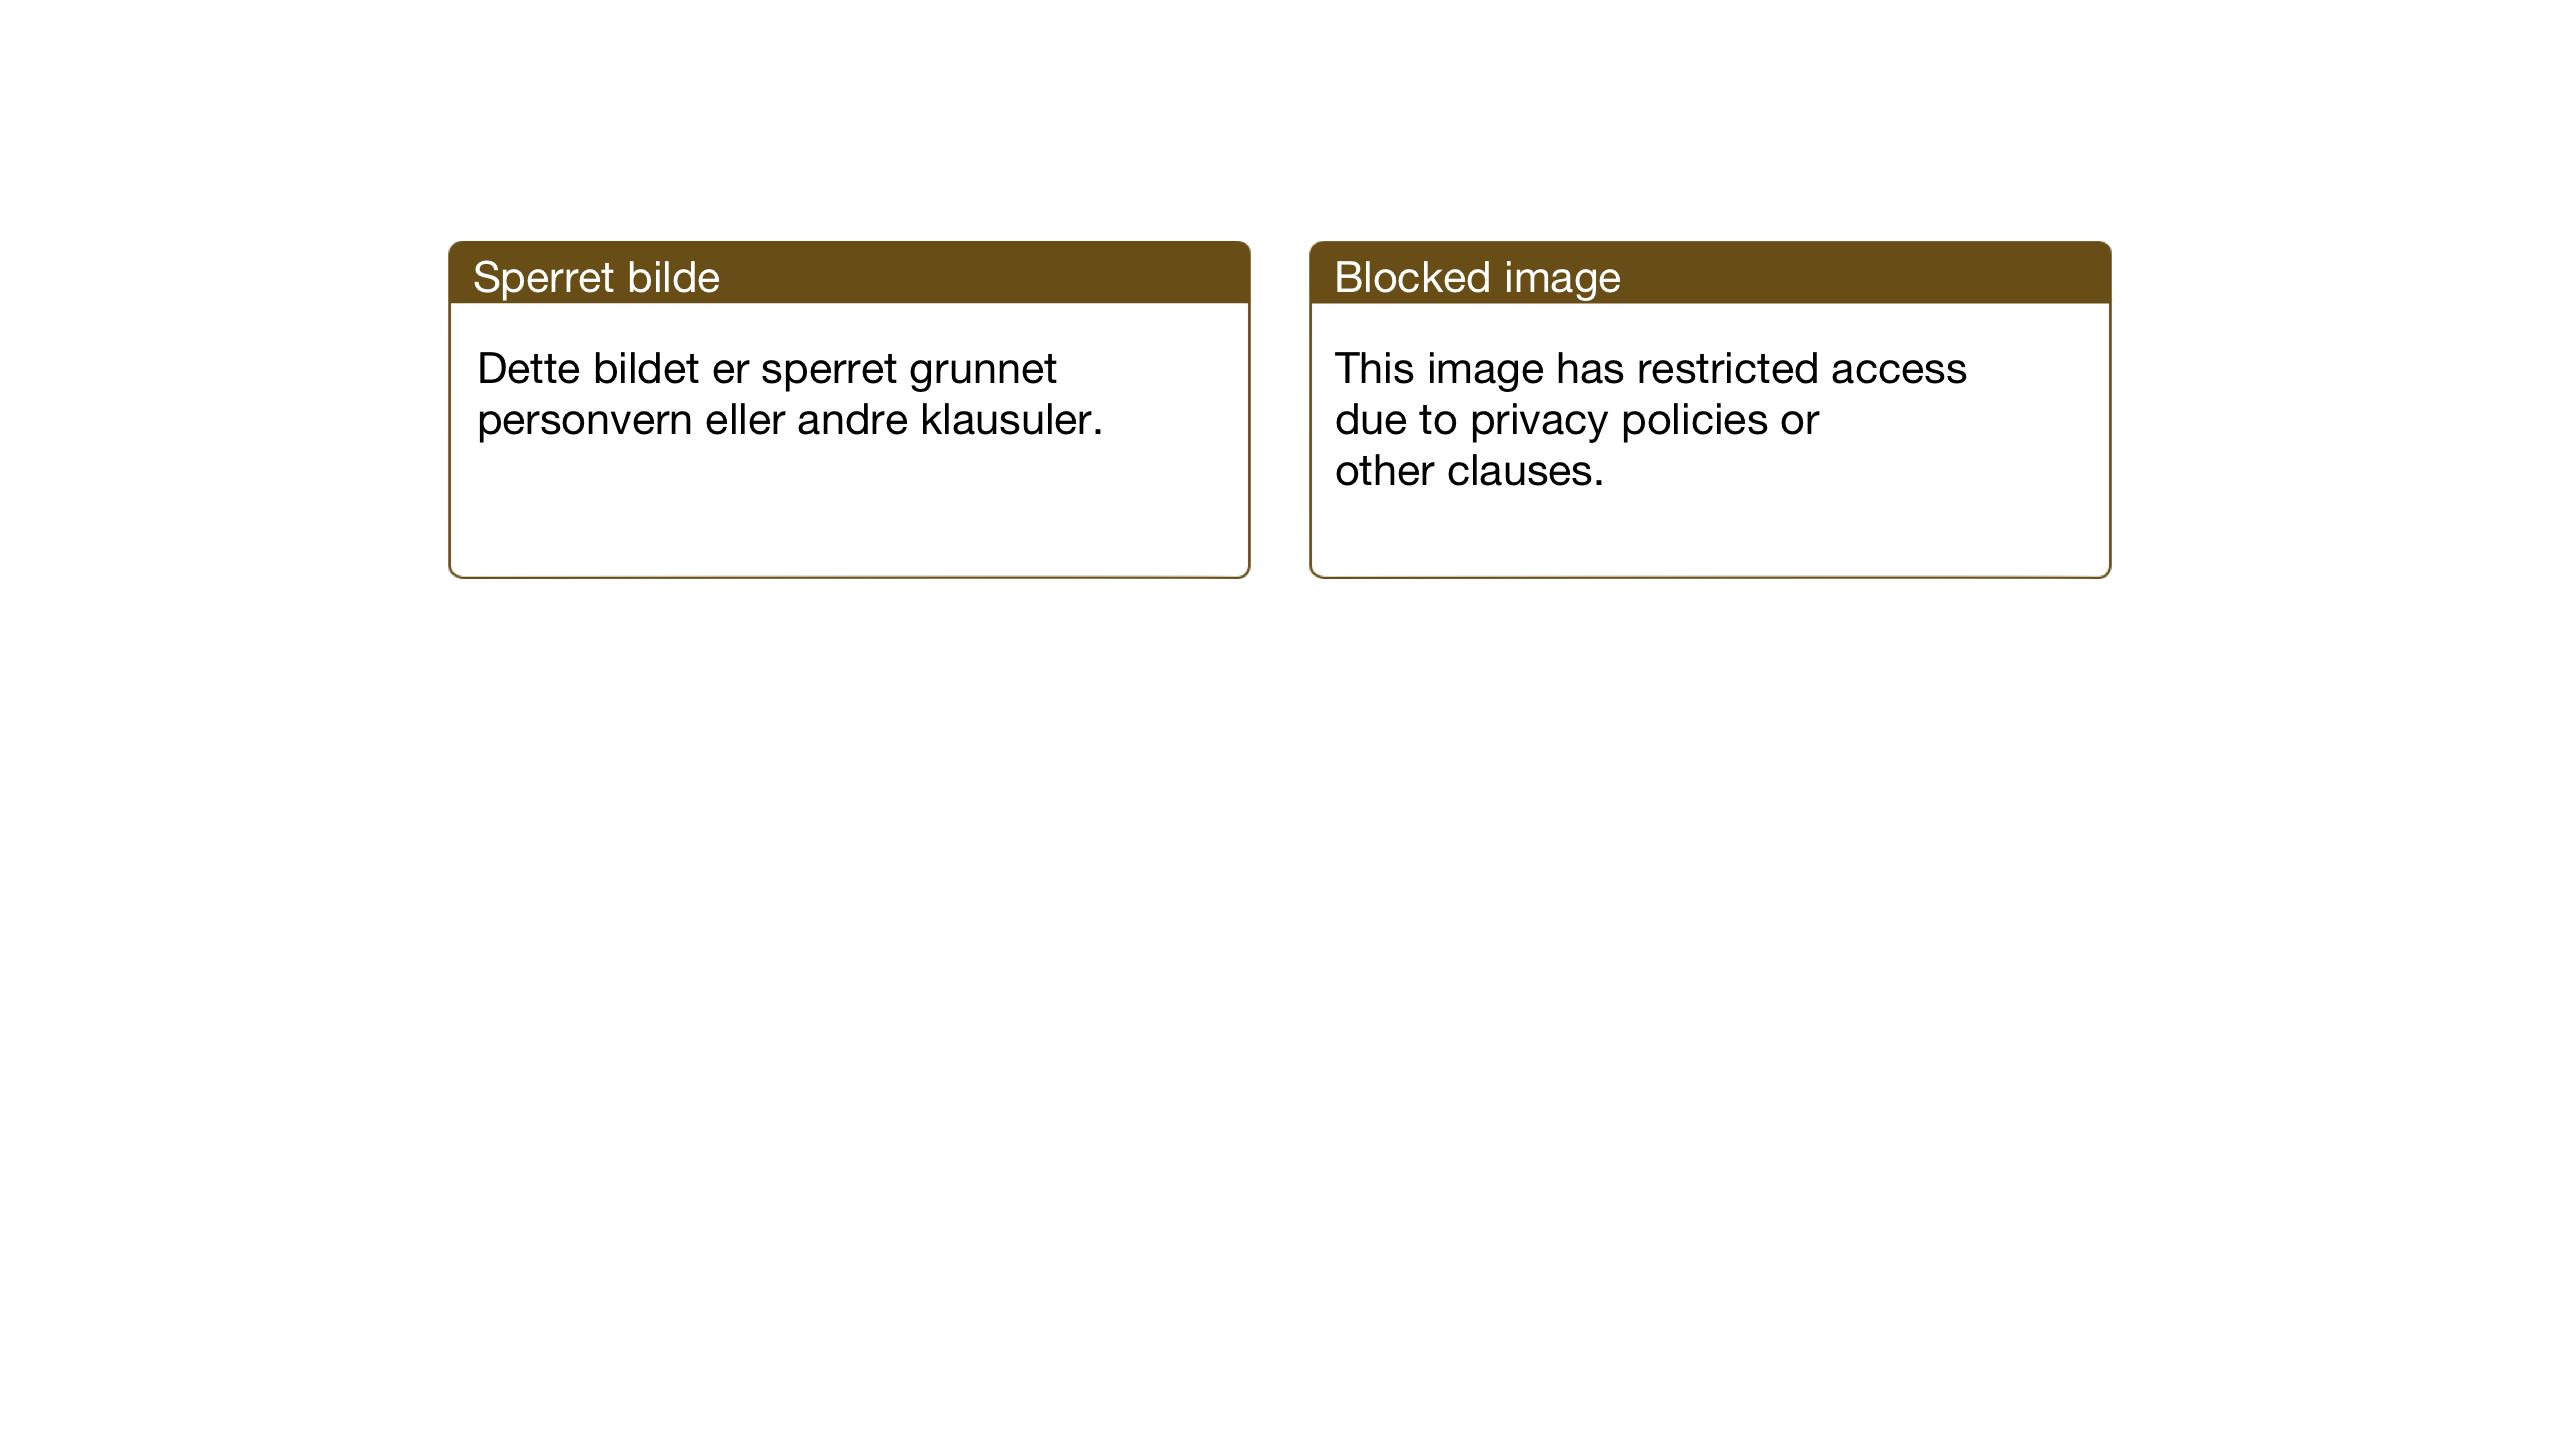 SAT, Ministerialprotokoller, klokkerbøker og fødselsregistre - Nord-Trøndelag, 714/L0136: Klokkerbok nr. 714C05, 1918-1957, s. 213